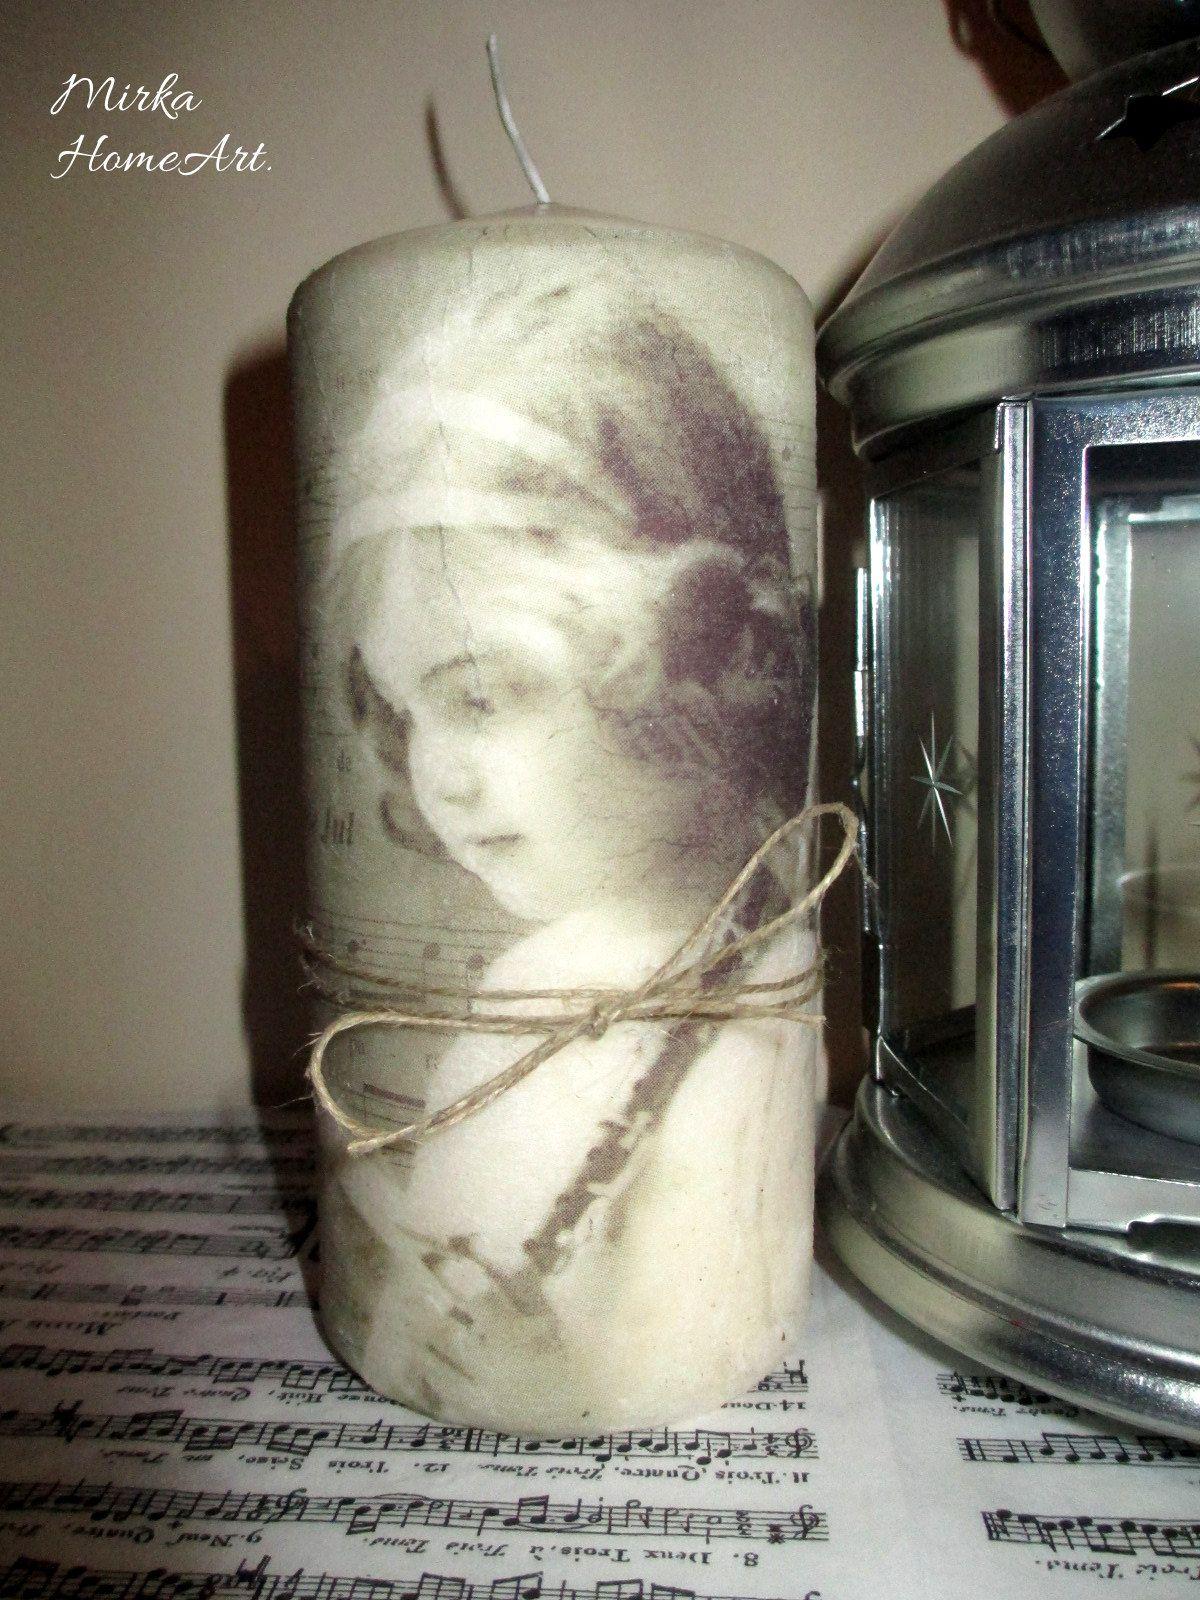 Vintage sviečka dekorovaná dekupážou. Použité špeciálne lepidlo na sviečky, ktoré je nehorľavé a pri horení bez zápachu.  http://www.sashe.sk/HomeArt/detail/vintage-sviecka-dievcatko-a-noty